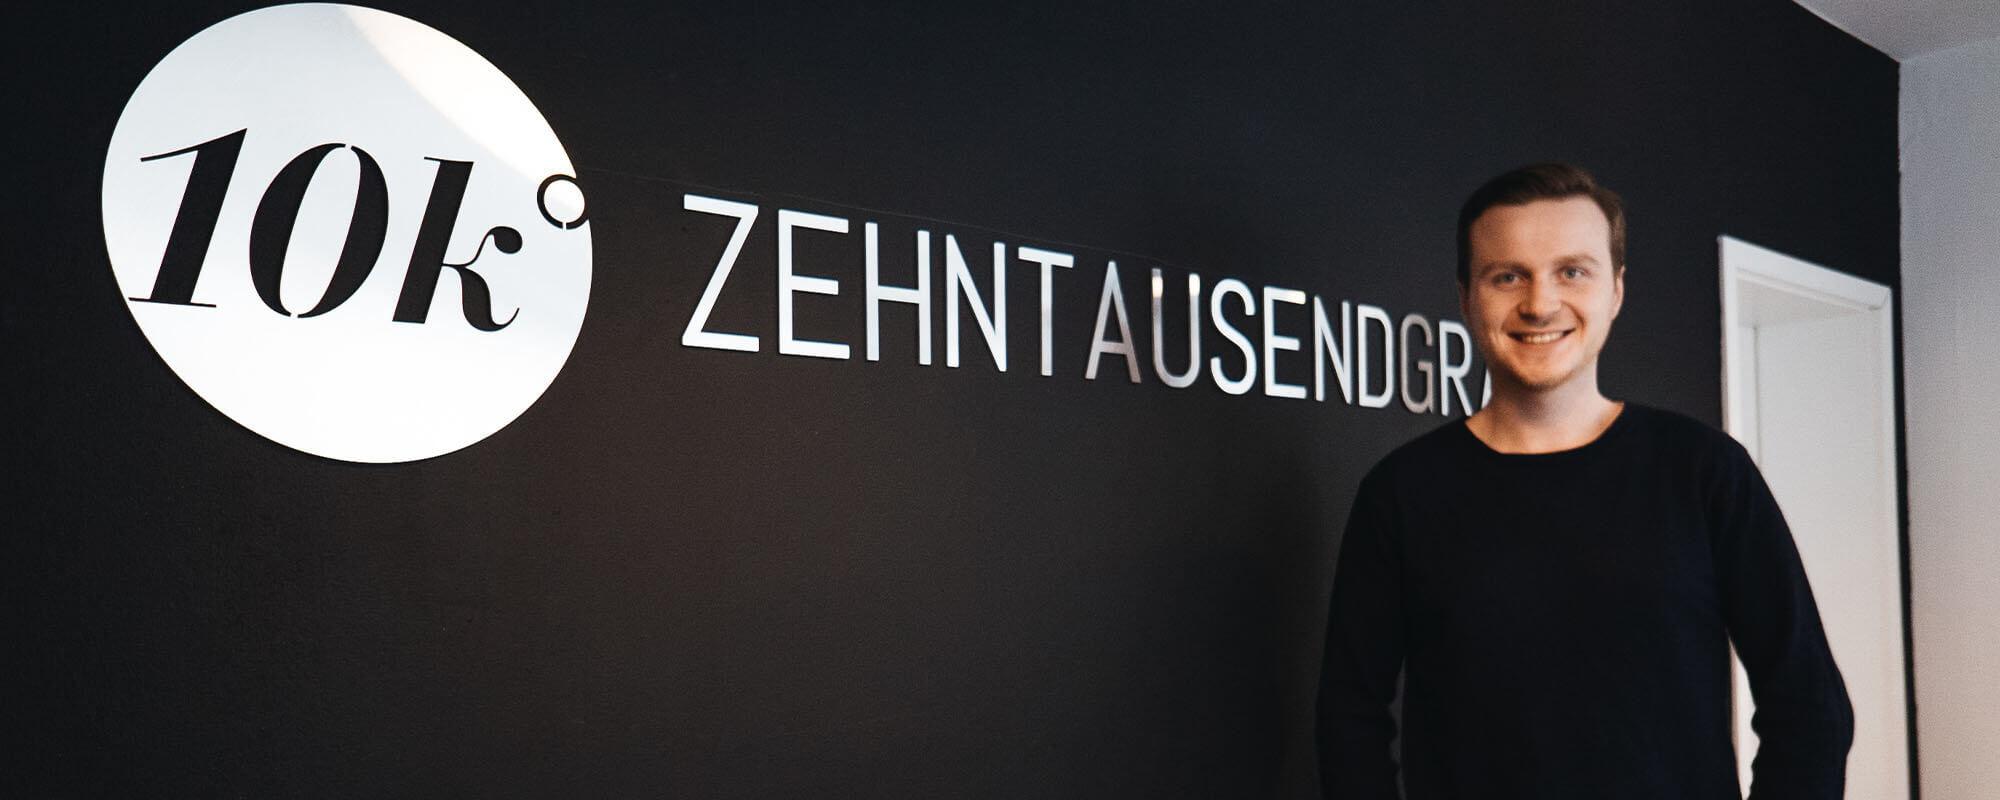 Zehntausendgrad Videowerbung GmbH Augsburg